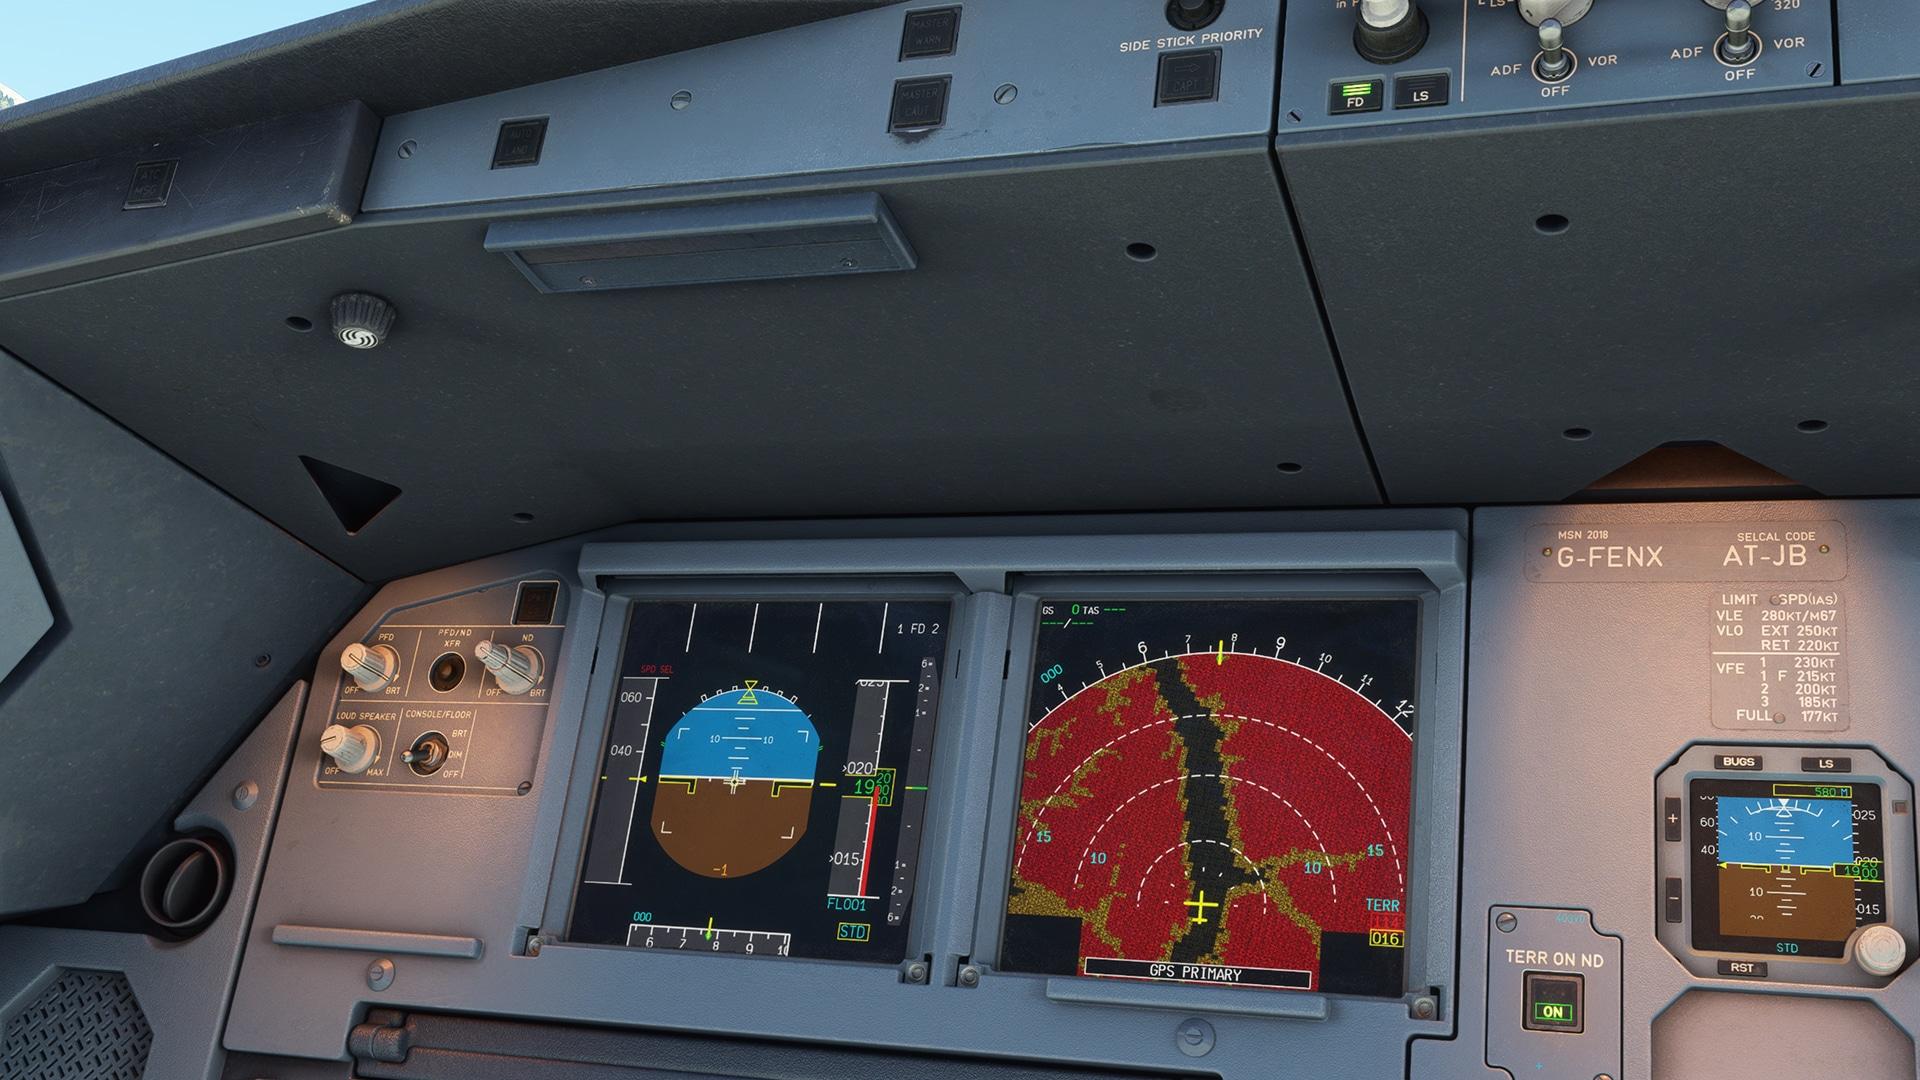 Fenix A320